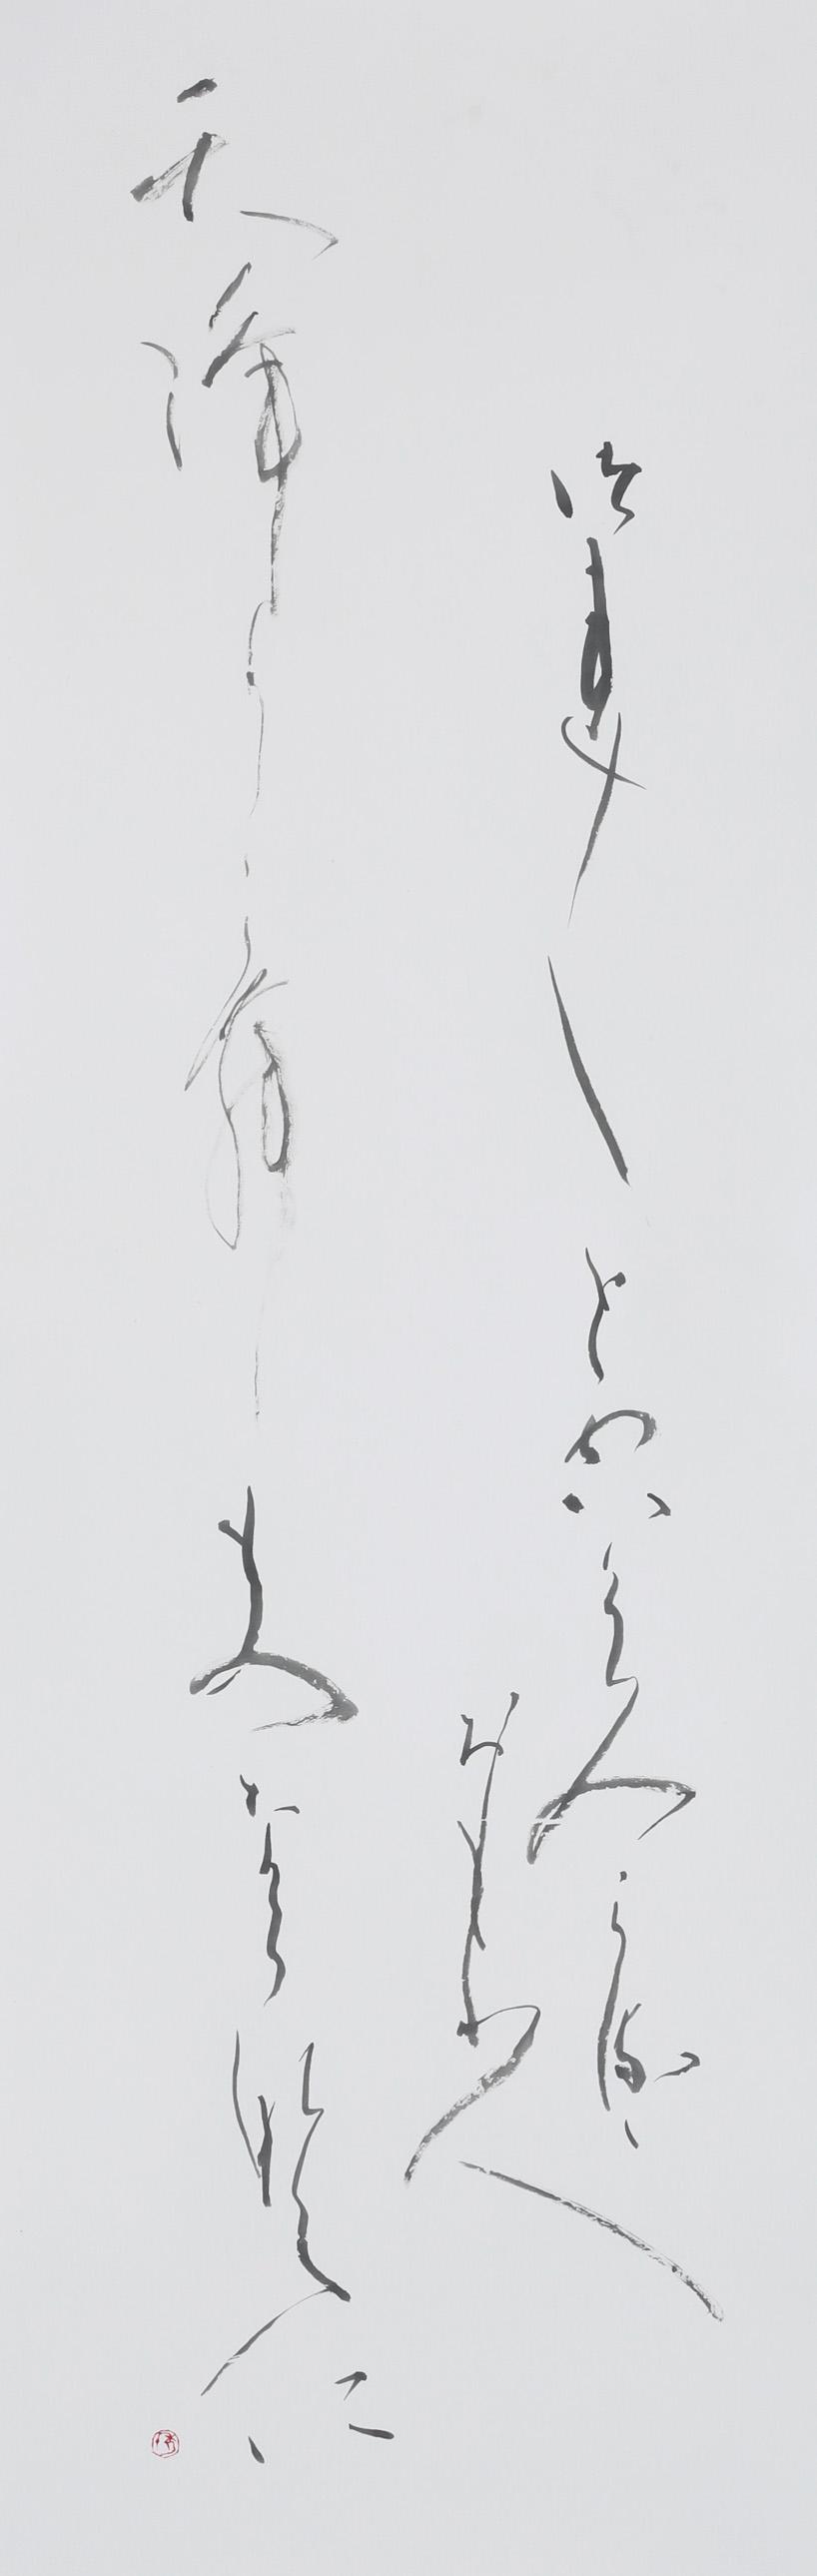 第34回産経国際書展出品作品「和泉式部 つれづれと...」(縦180×横60センチ)